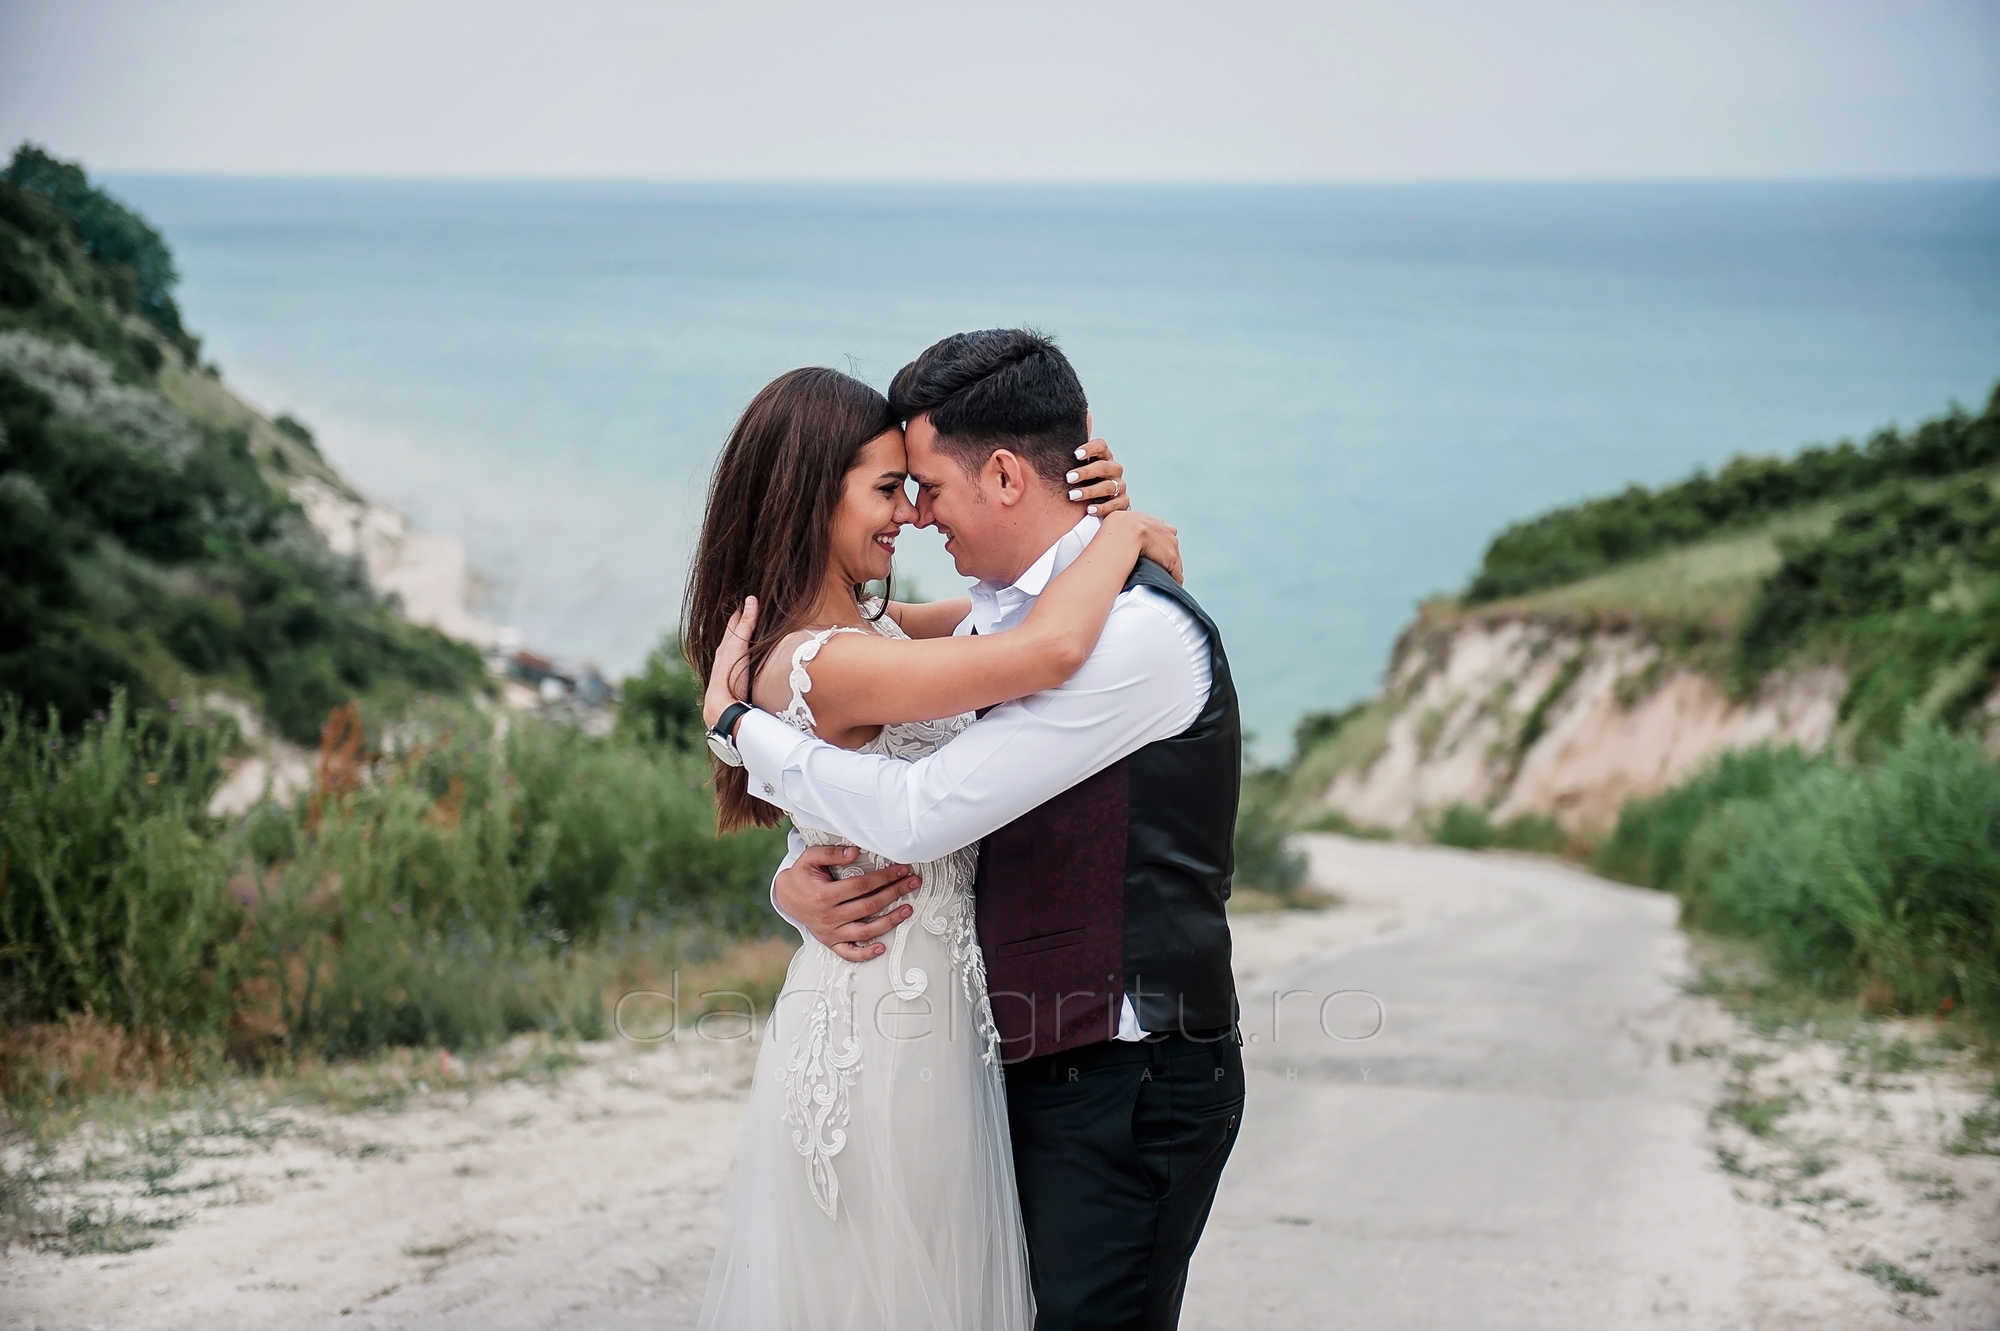 sesiune foto dupa nunta la mare bulgaria